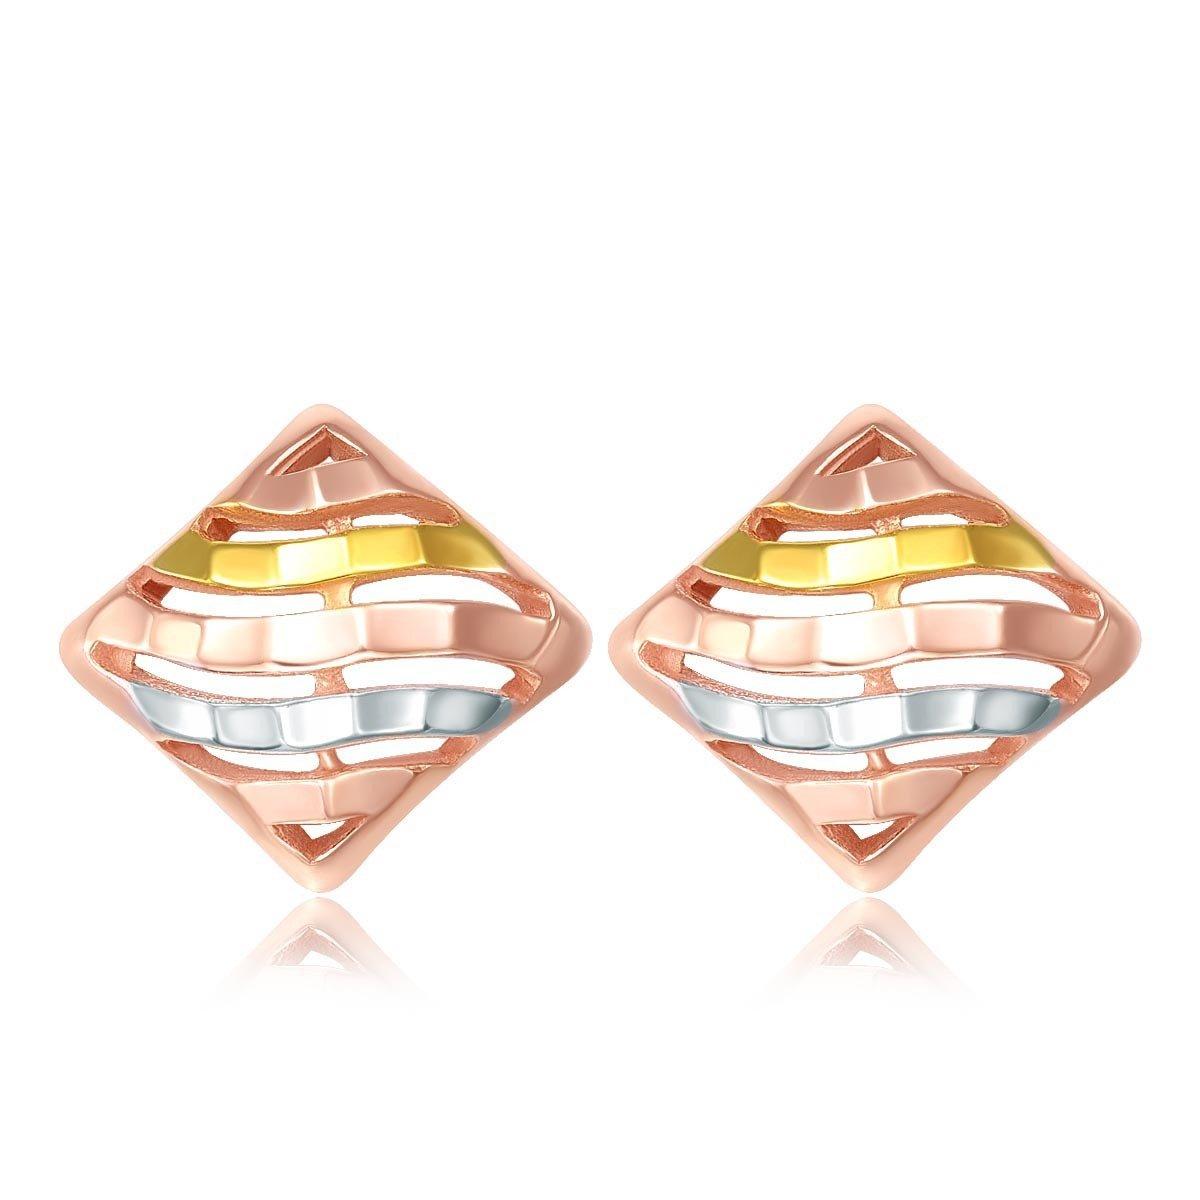 18K/750黃, 白, 玫瑰三色黃金耳環